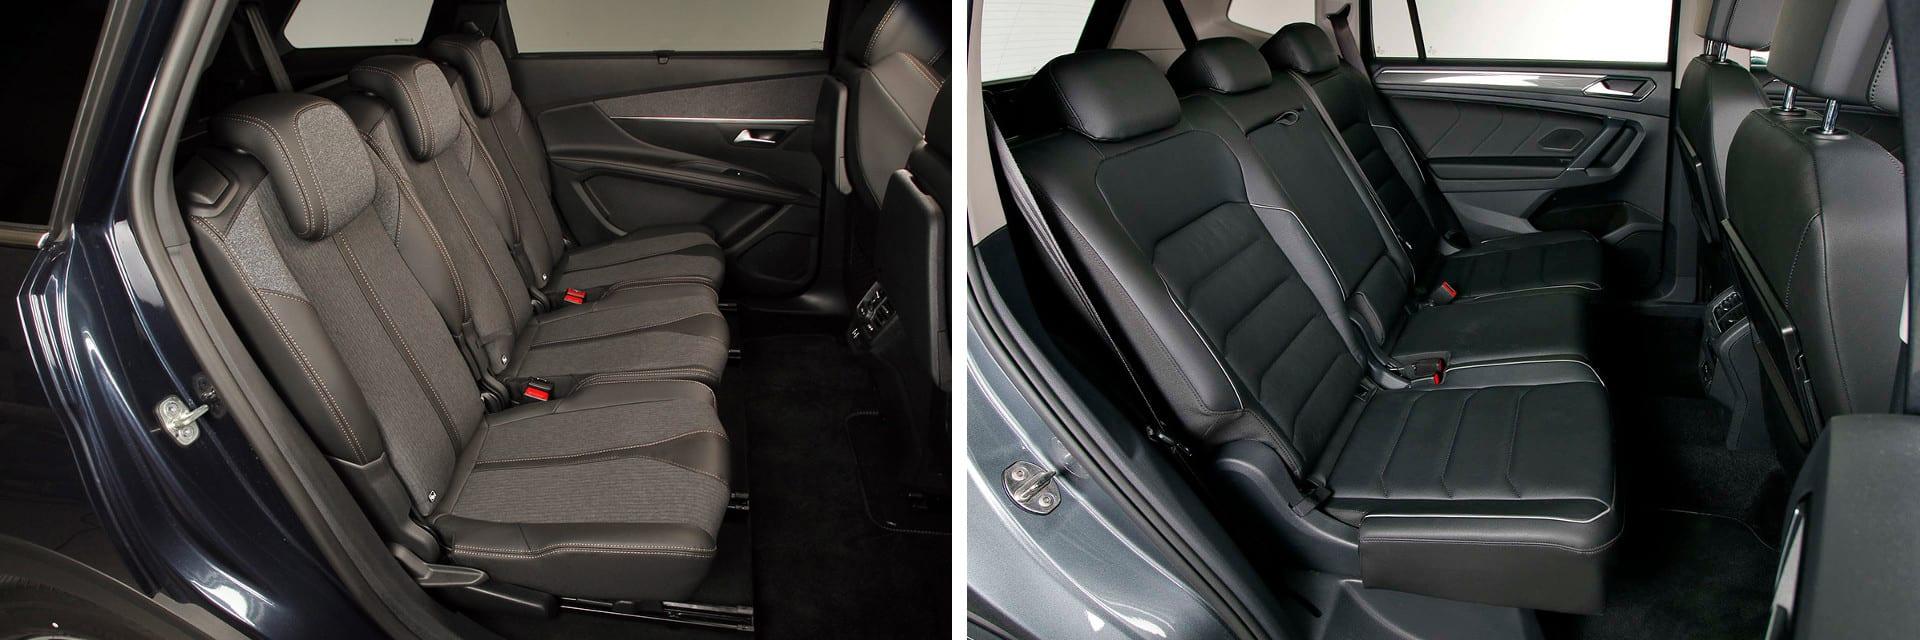 Uno de los aspectos positivos del Peugeot (izq.) es que en la segunda fila de asientos hay anclajes Isofix en las tres plazas.